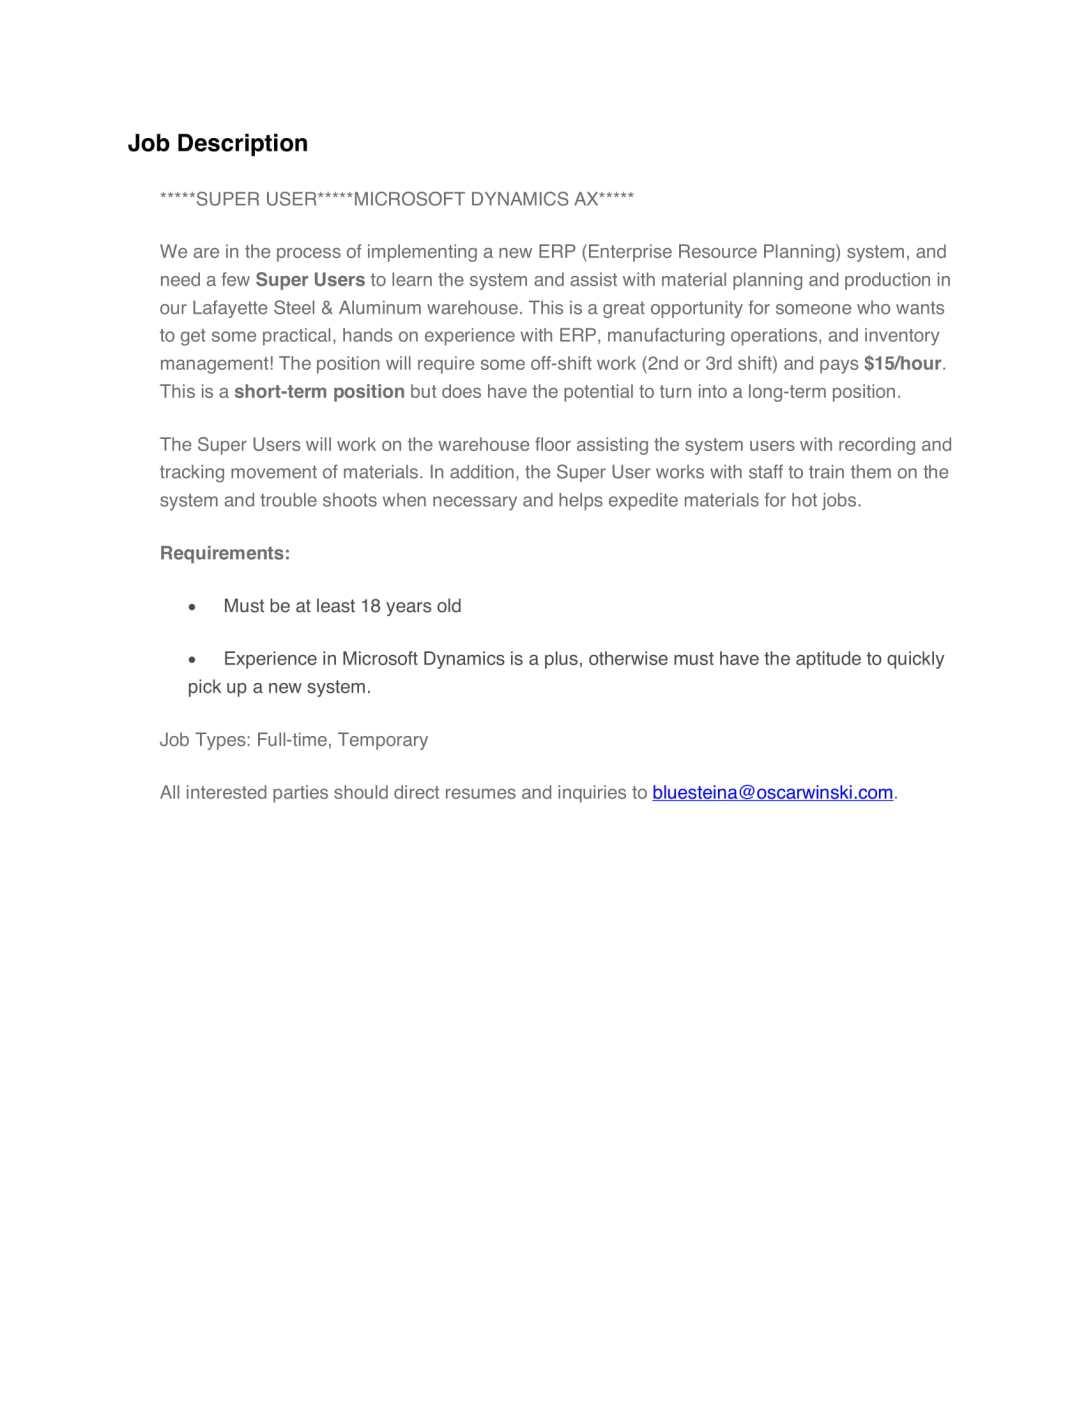 Job Description_OWL-1